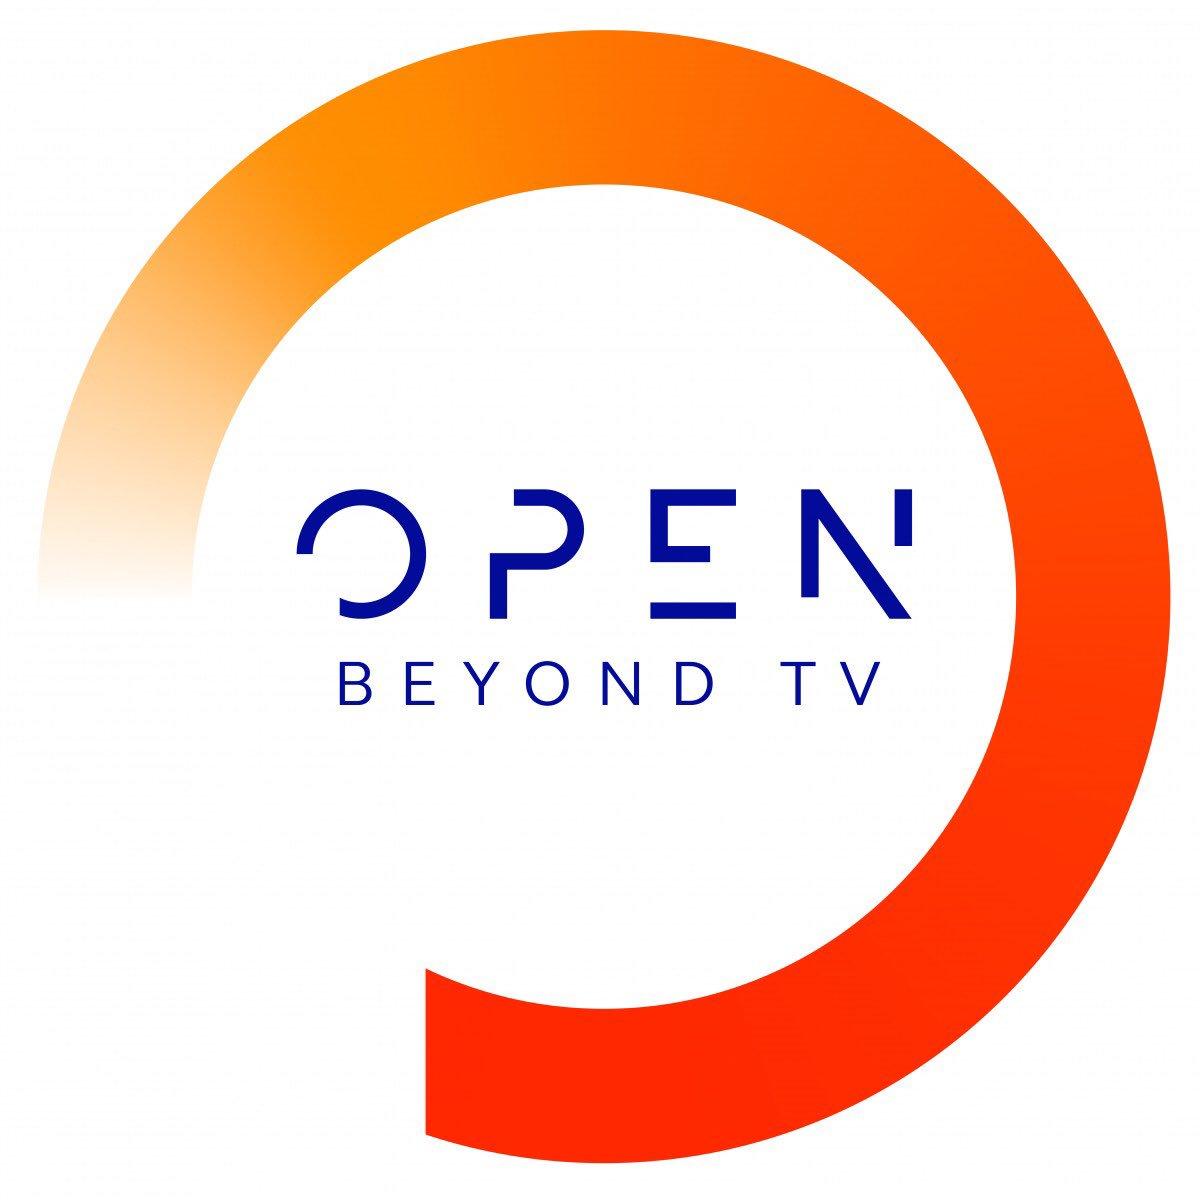 تردد قناة Open Beyond الناقلة مجانا لمباريات كوبا أمريكا 2021 البرازيل